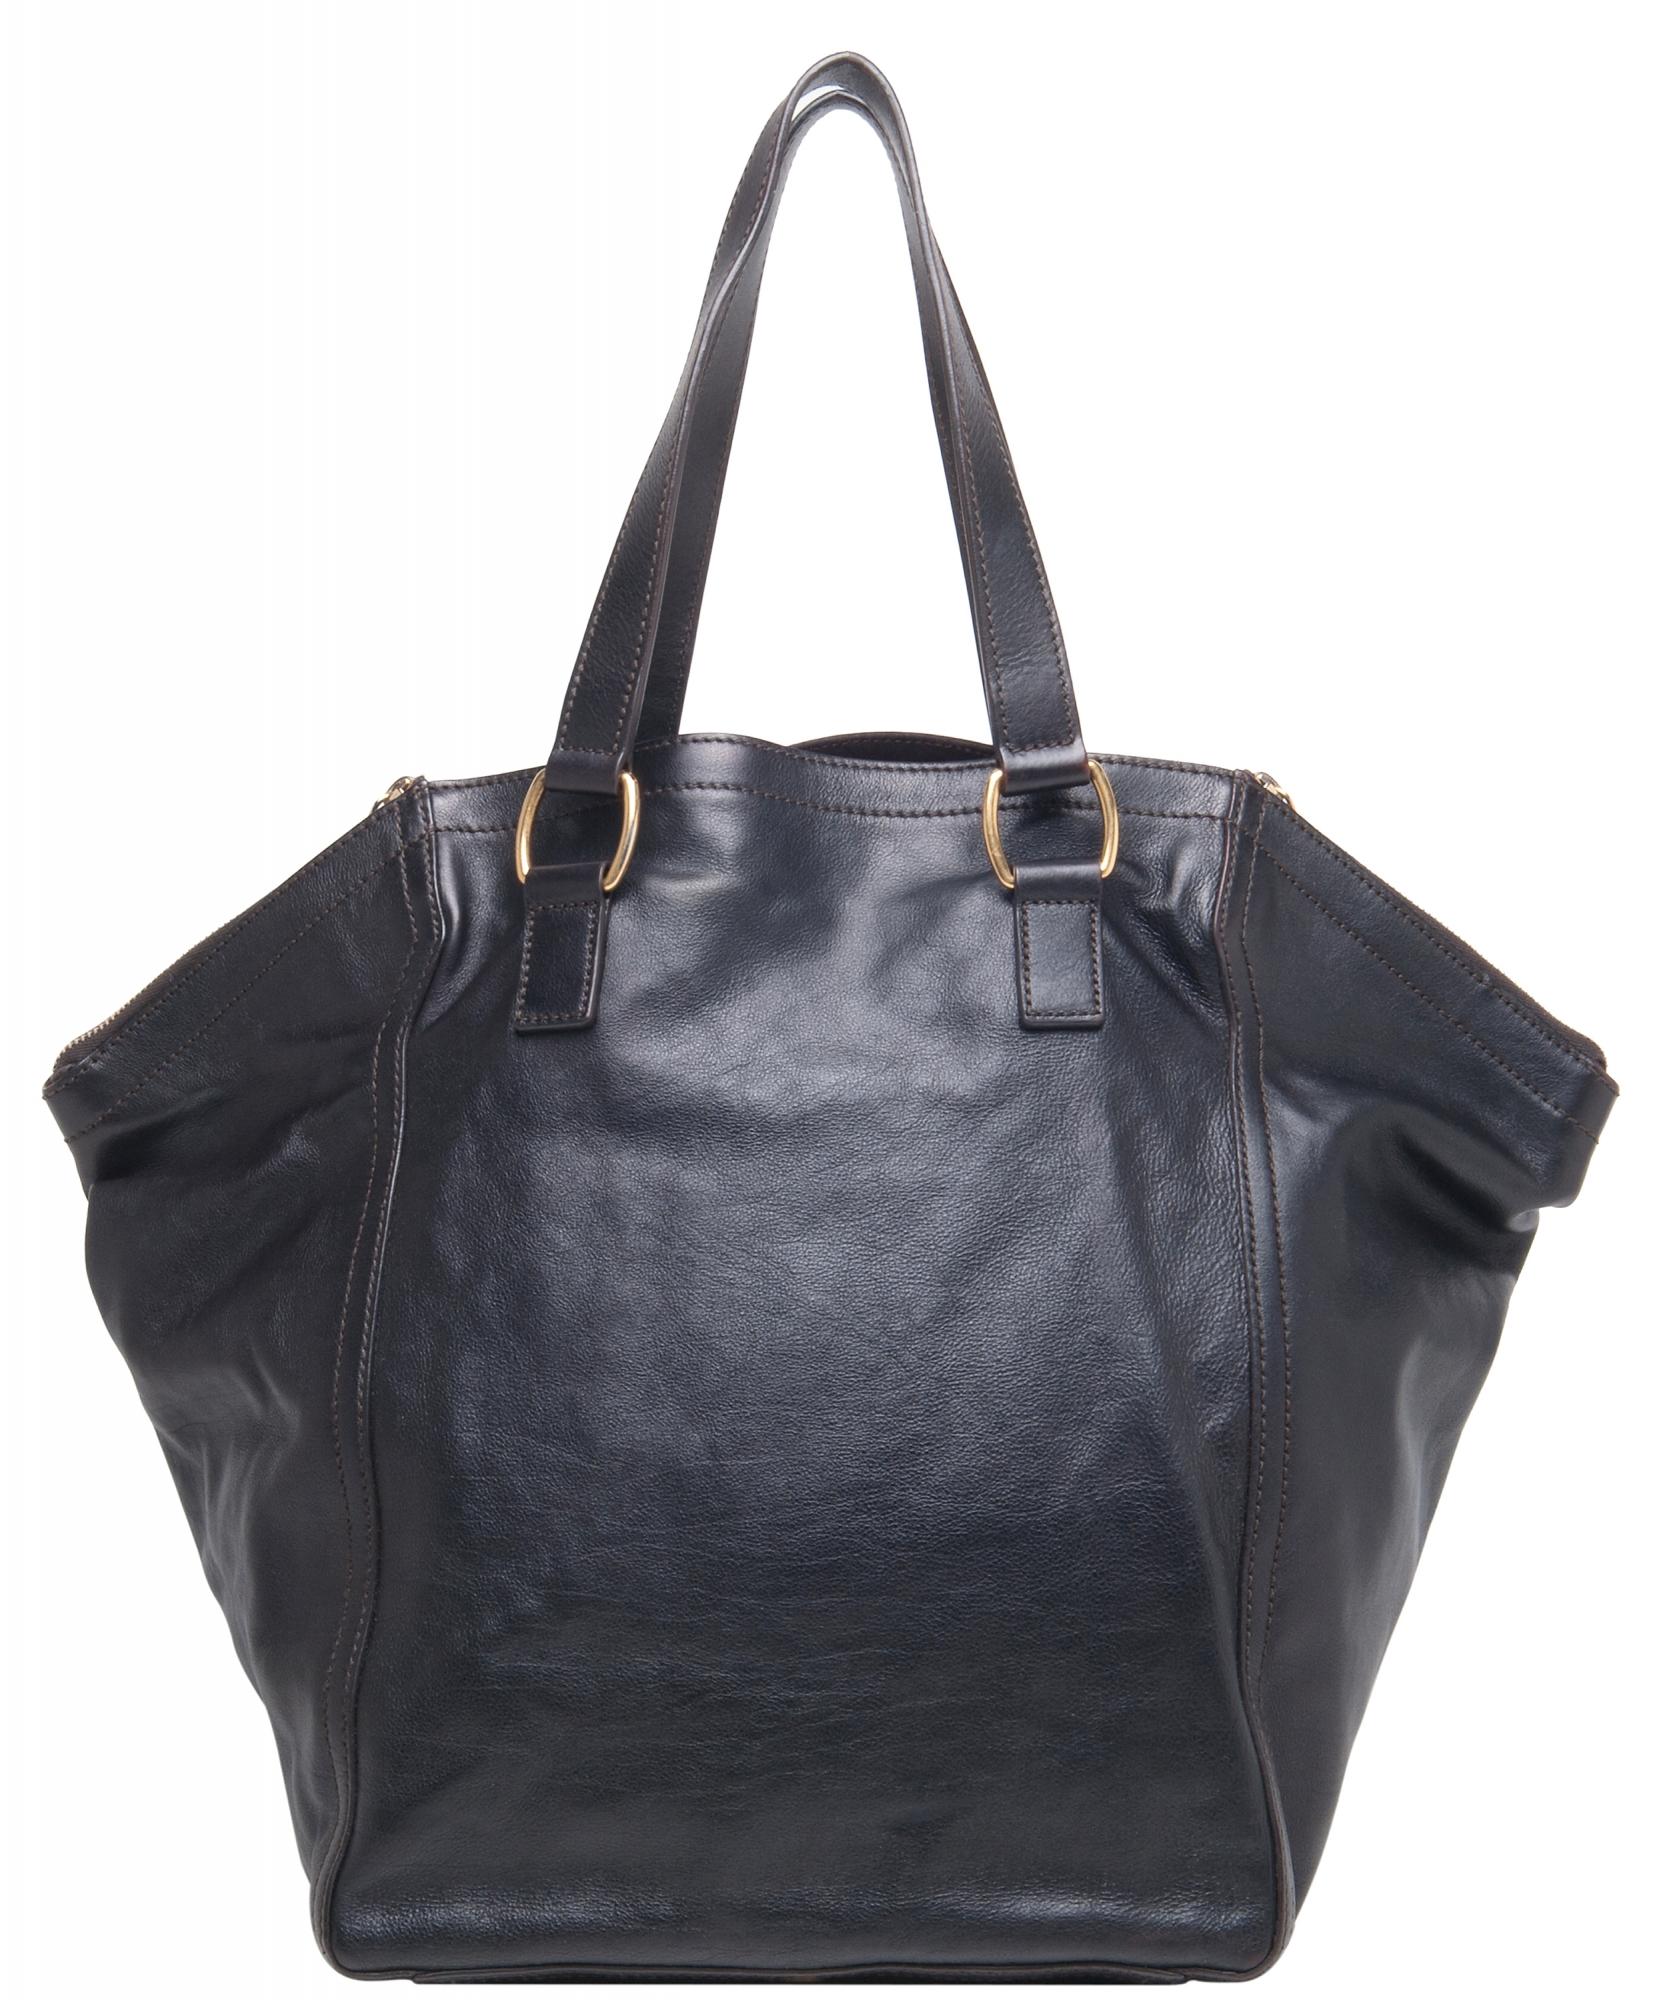 2448be75f8d Yves Saint Laurent 'Downtown' Tote Bag | La Doyenne